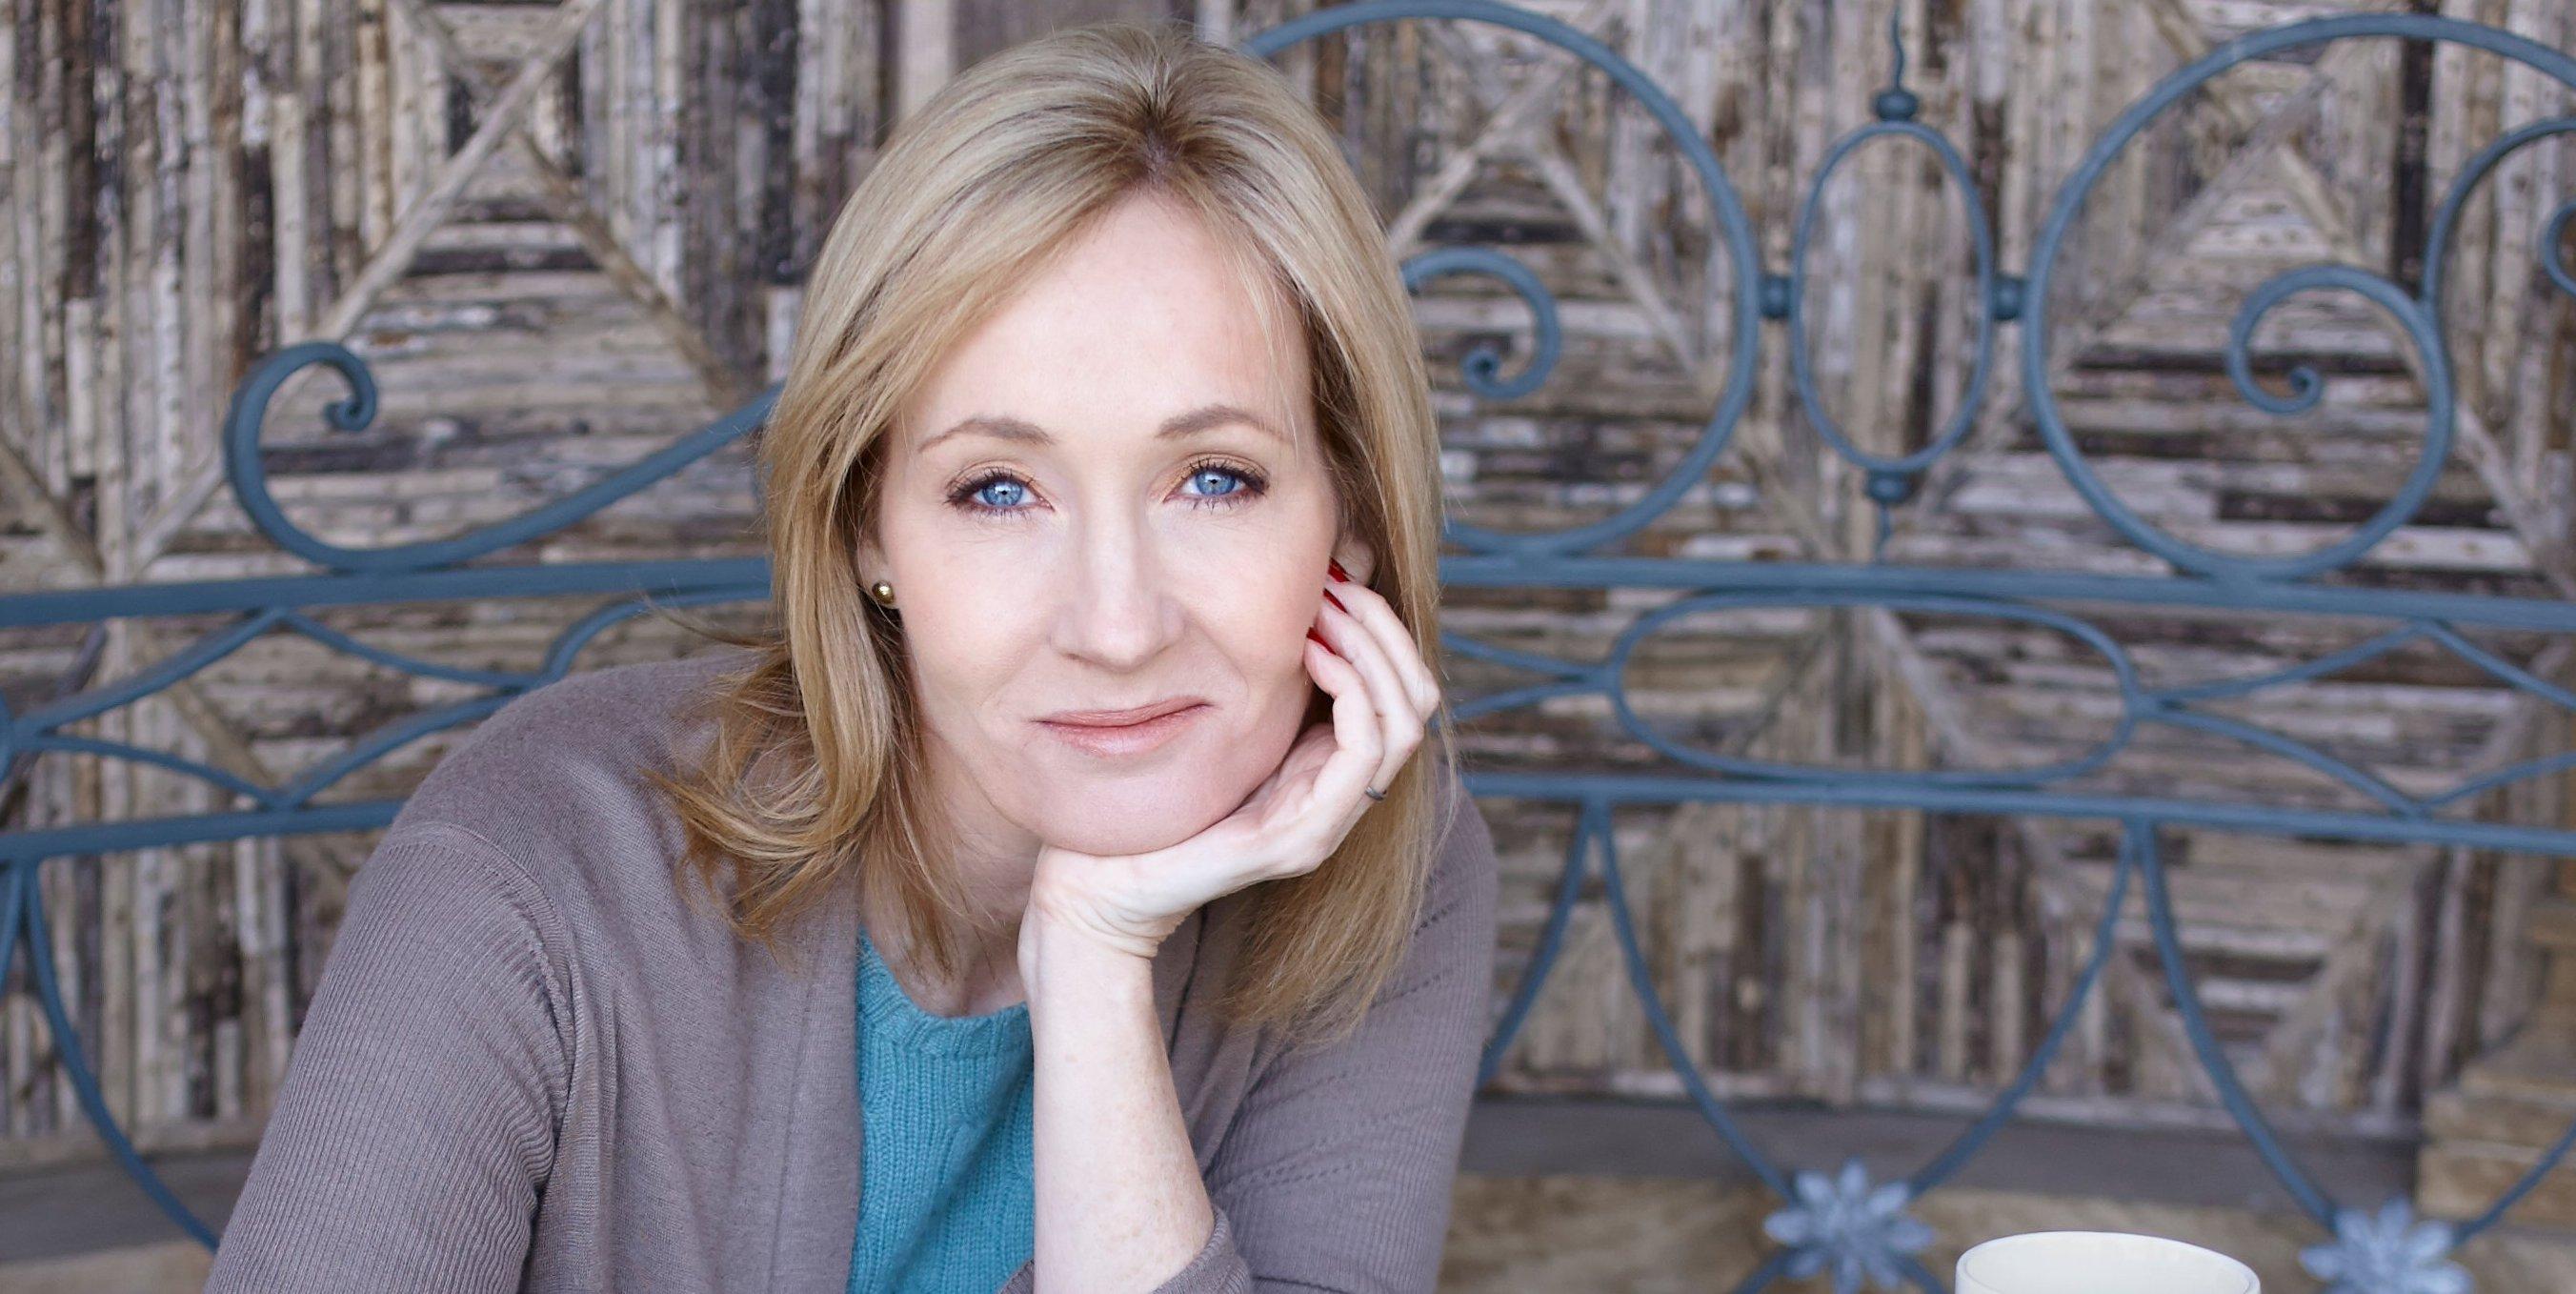 """""""Buona vita a tutti. I benefici del fallimento e l'importanza dell'immaginazione"""", il nuovo libro di J.K. Rowling"""